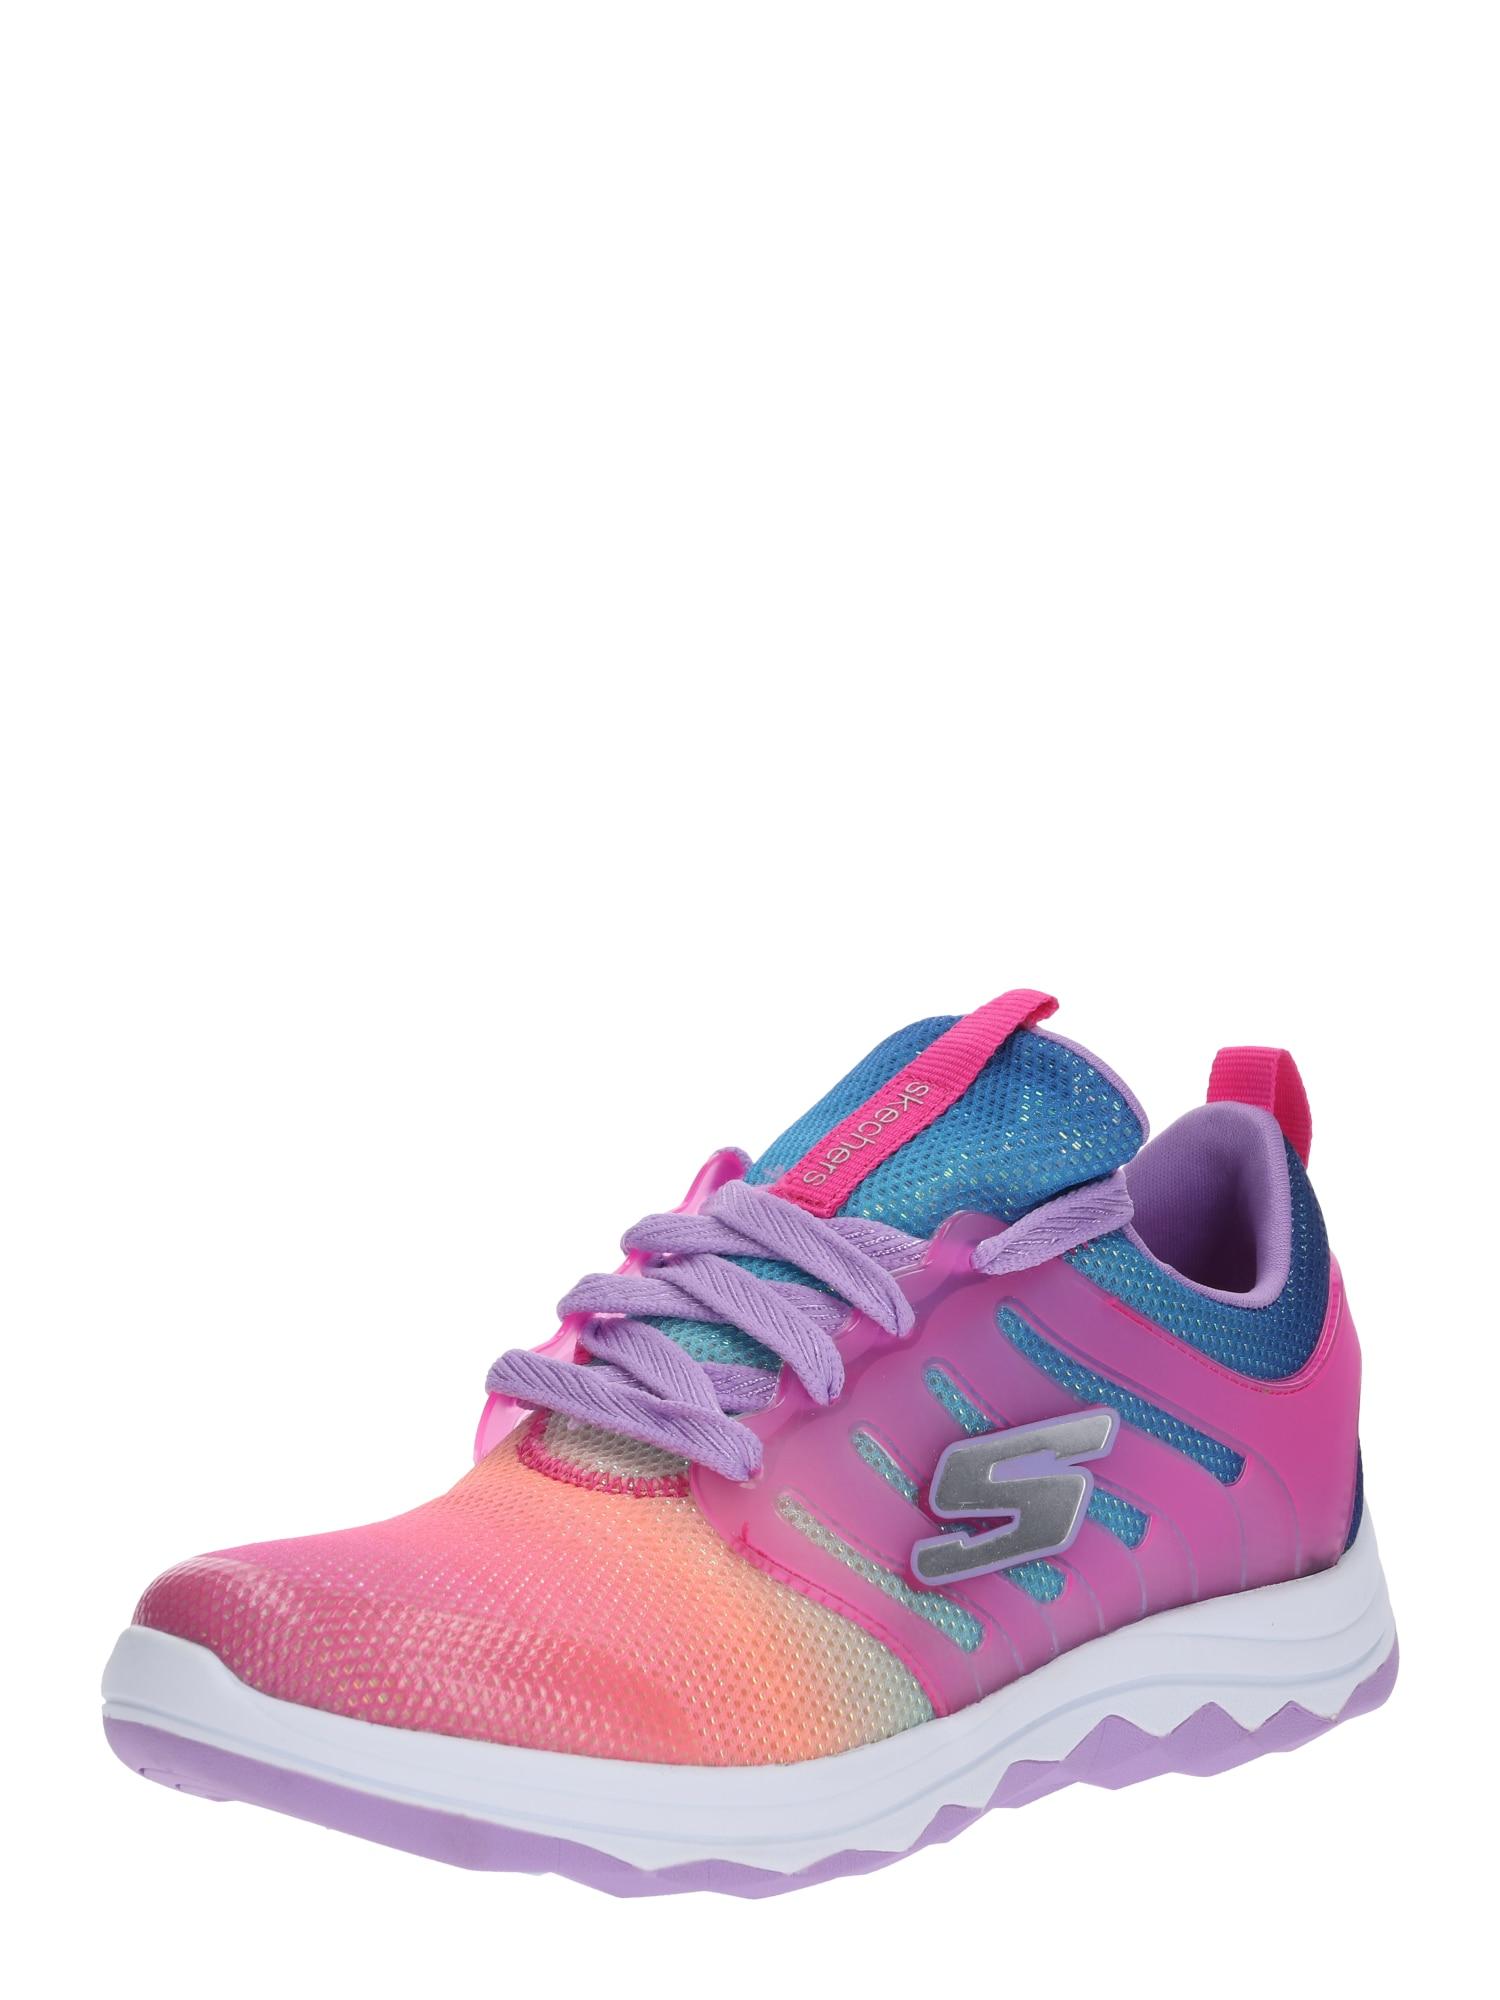 Tenisky Schuh pink růžová SKECHERS